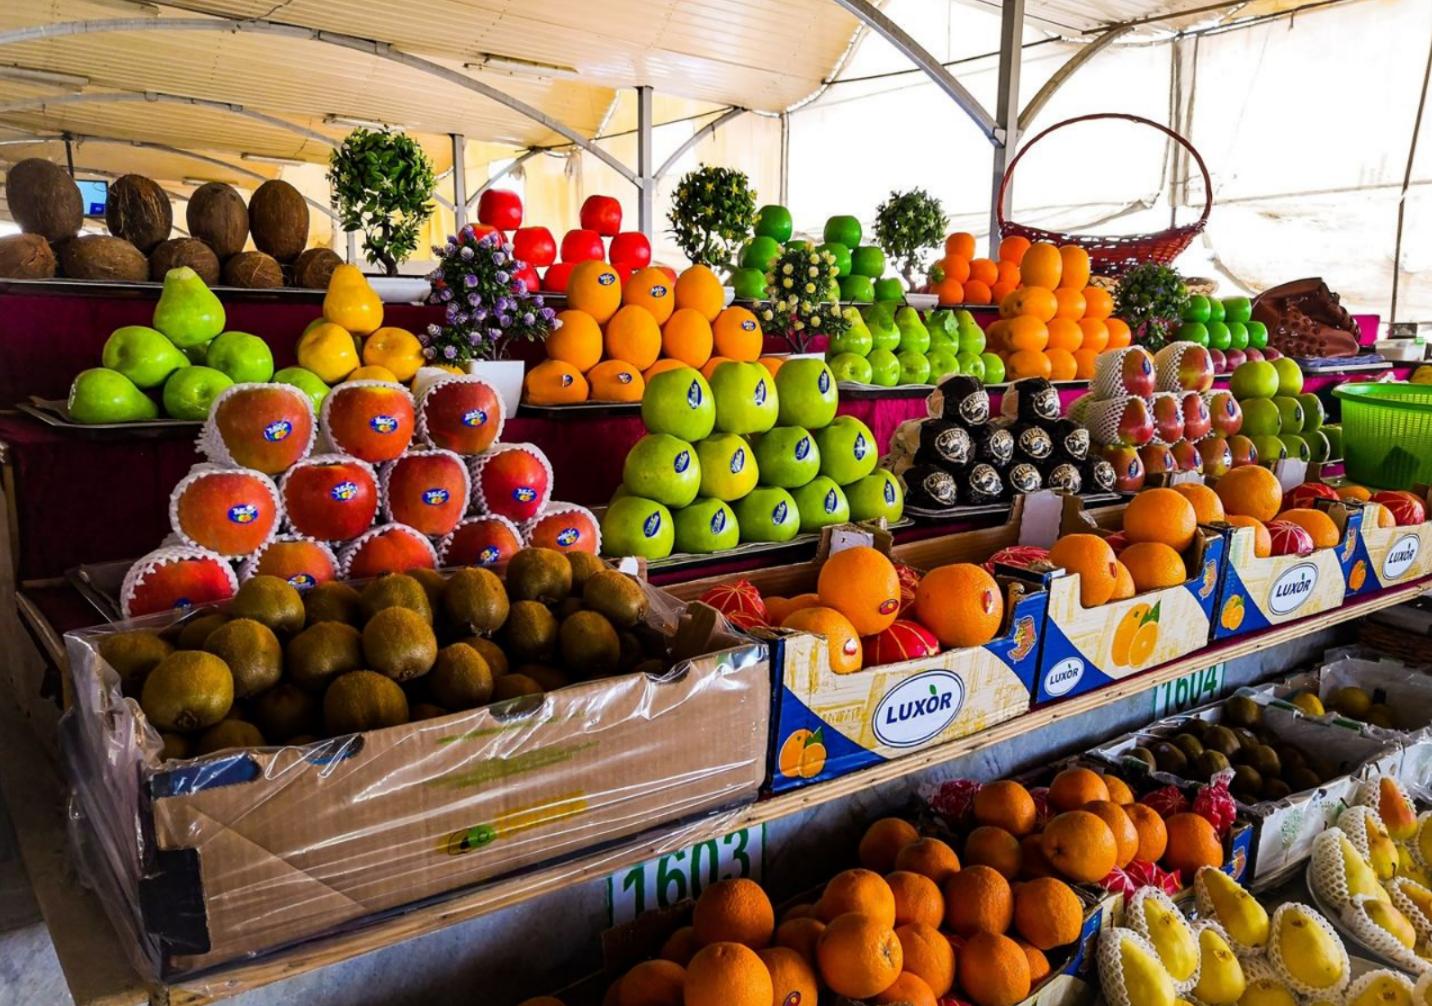 Узбекистан в 2020 году экспортировал овощи и фрукты на 1 миллиард долларов